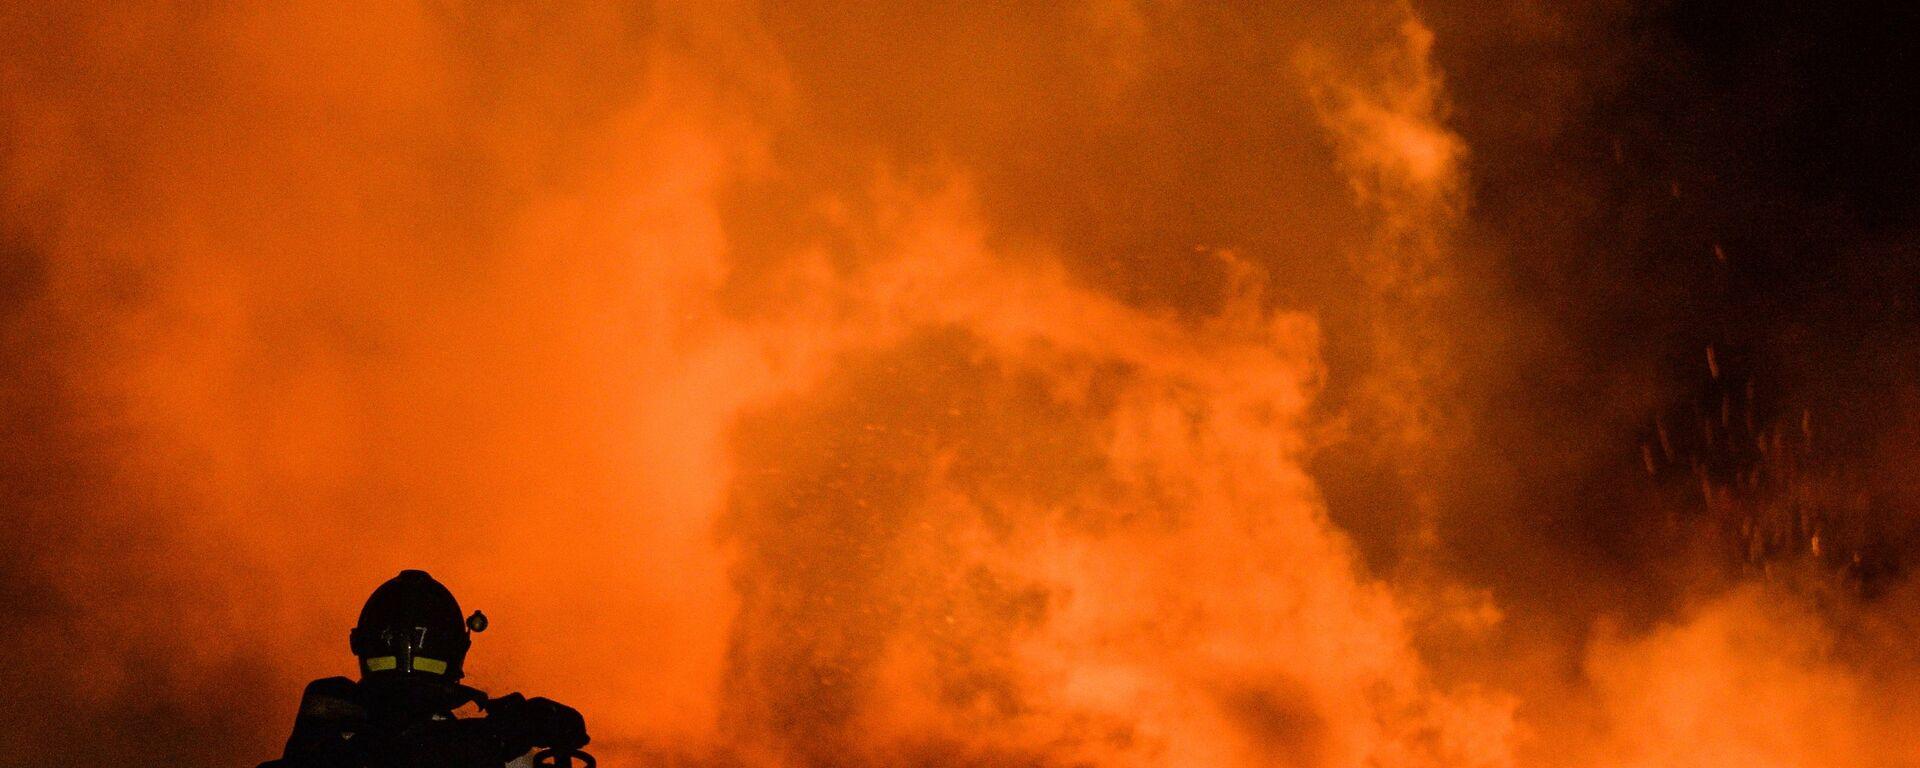 Архивное фото сотрудника пожарно-спасательного подразделения МЧС на тушении возгорания - Sputnik Латвия, 1920, 03.07.2021